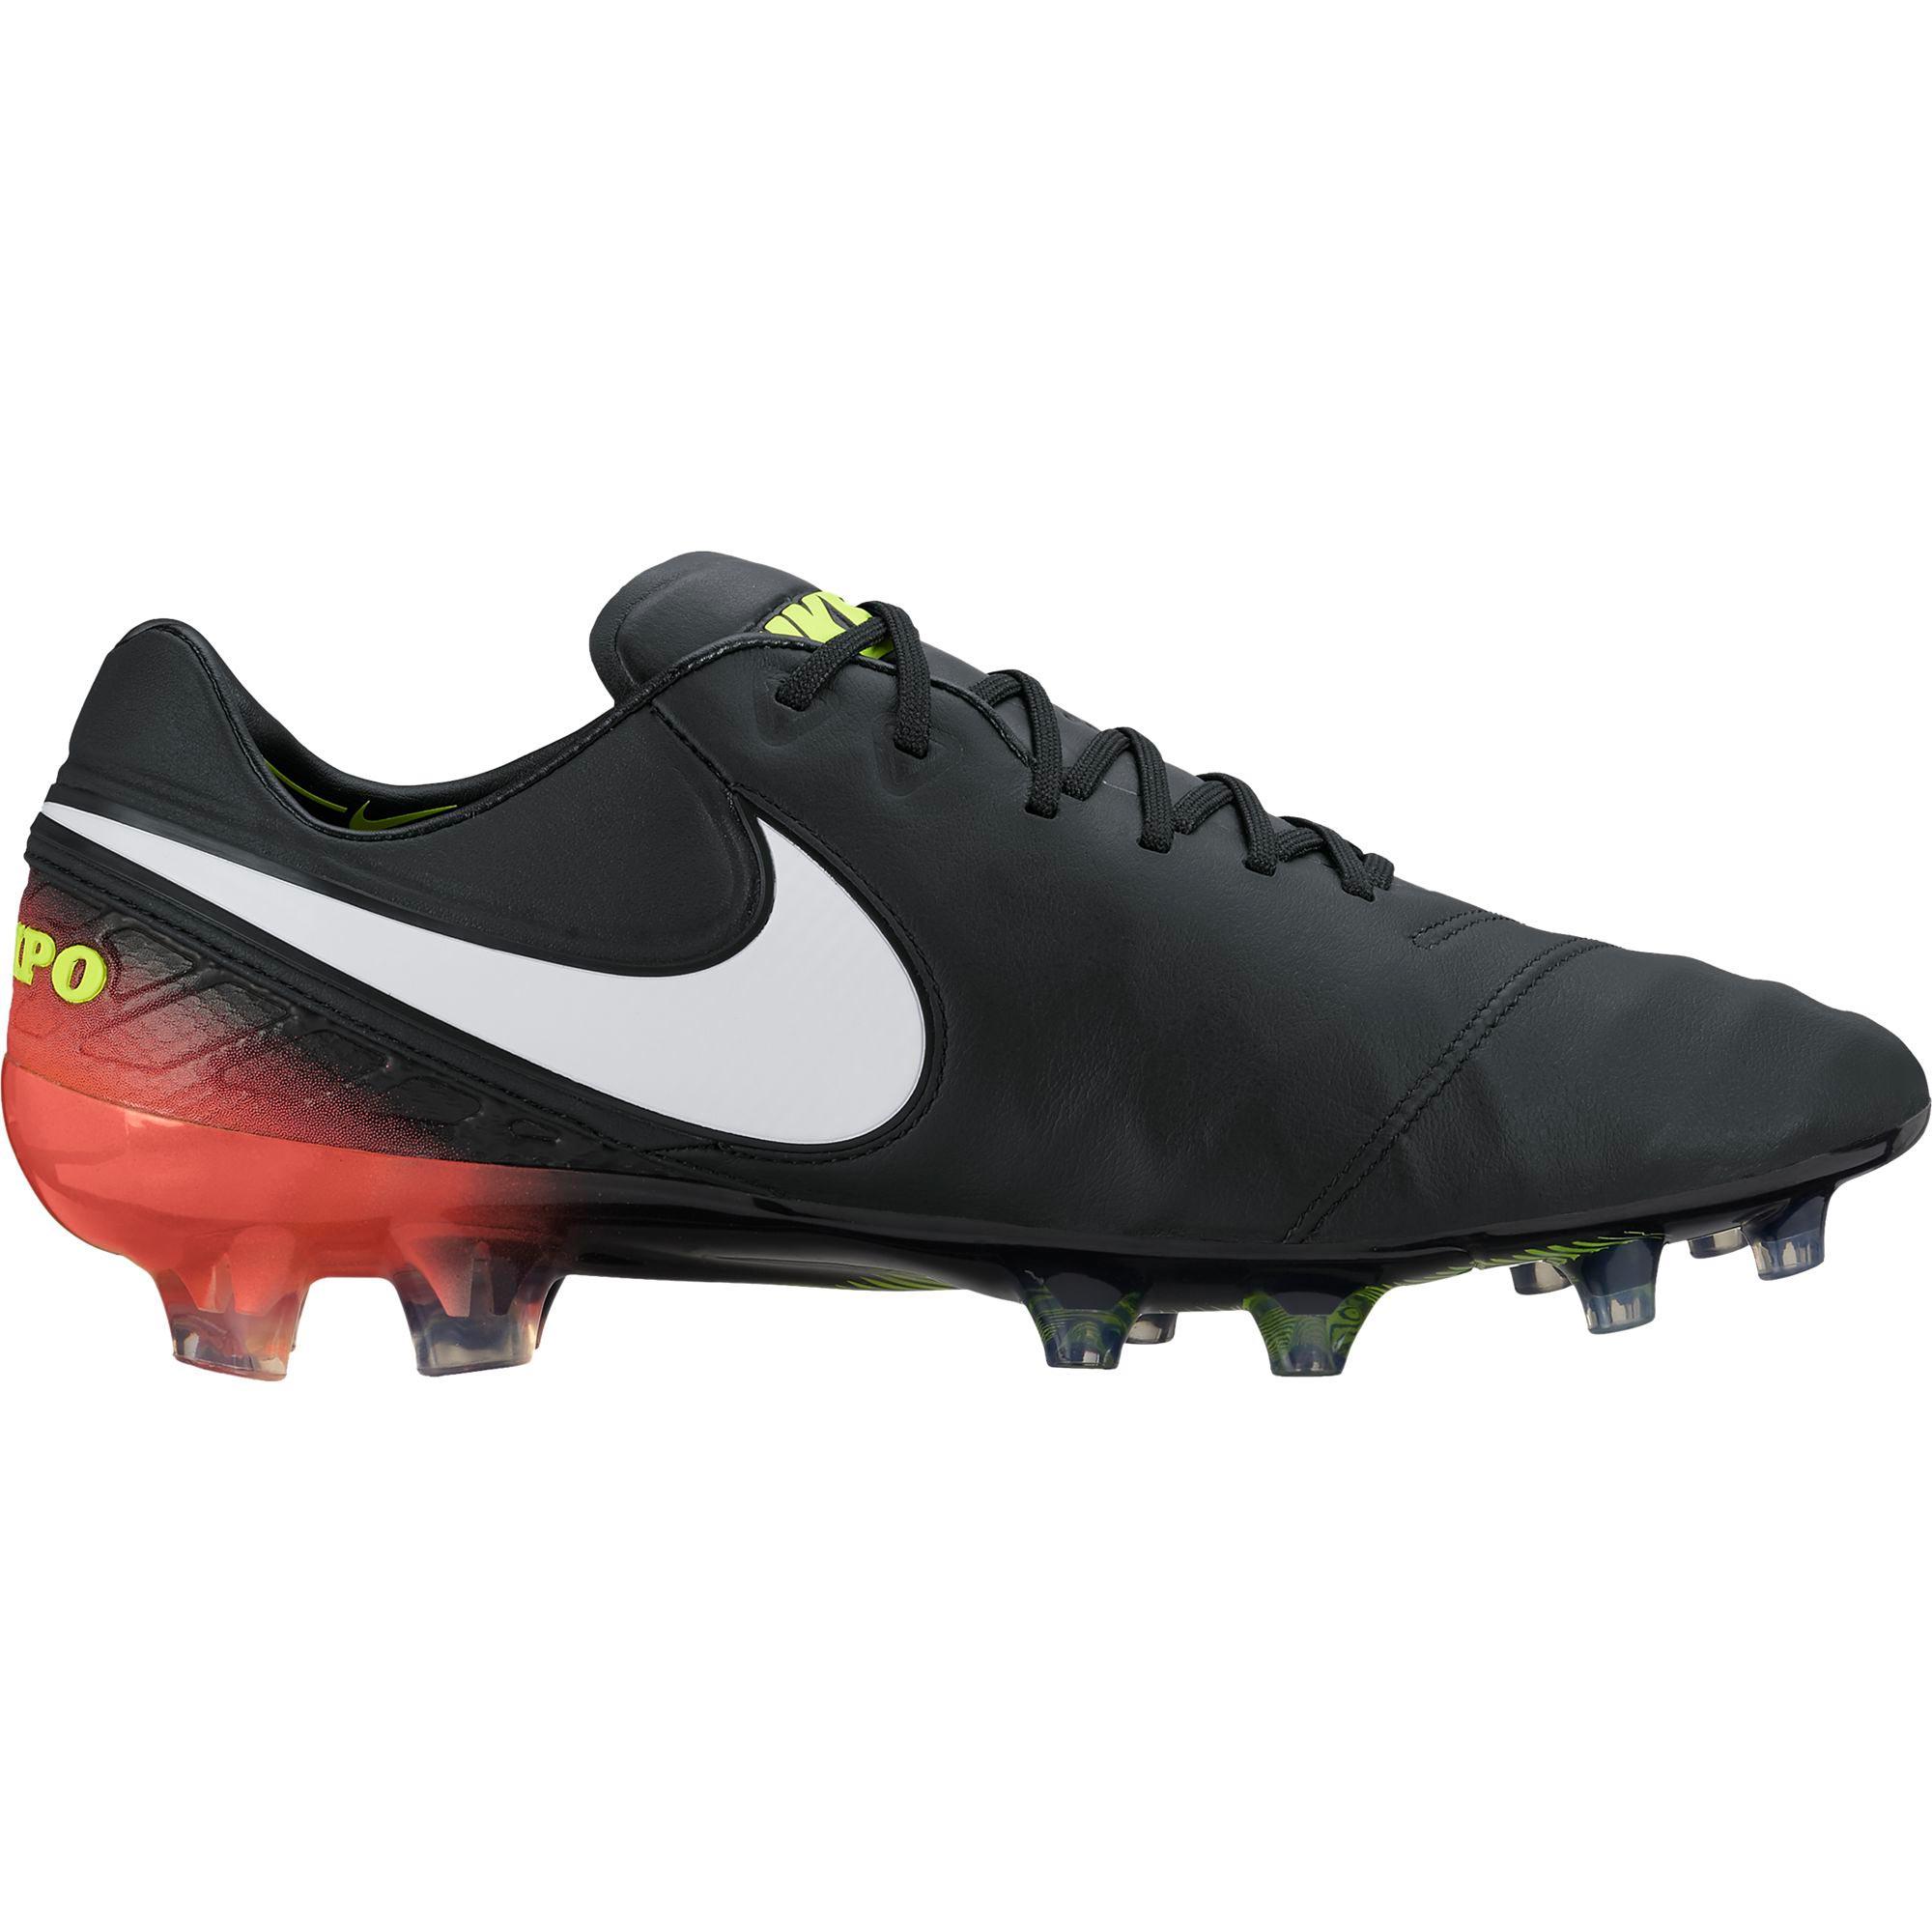 wholesale dealer 25ff0 8db7a Buy Nike Tiempo Rugby Boots Legend 6 (VI) & older models (V, IV ...